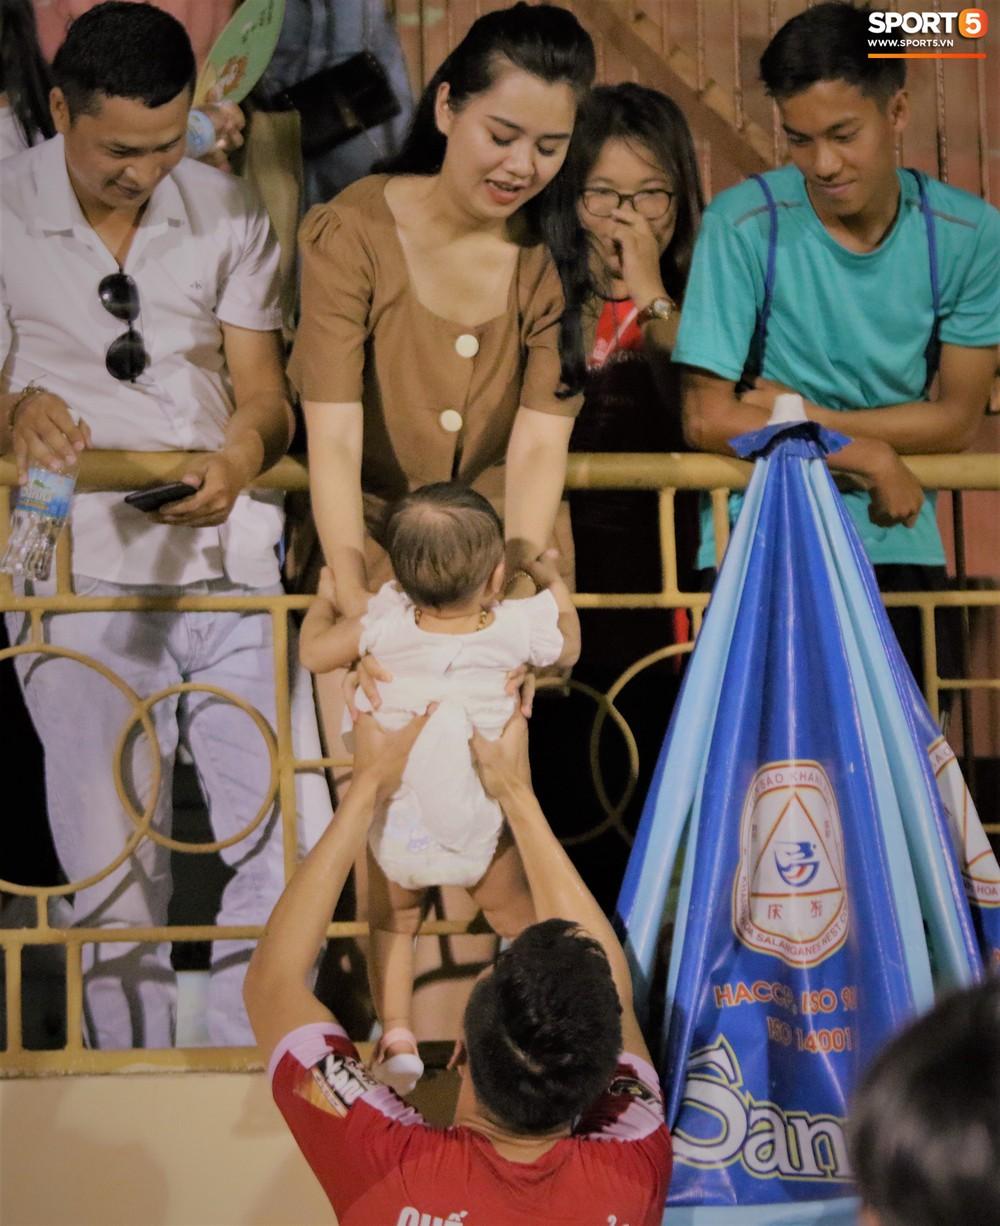 Hạnh phúc như Hải Quế: Ngày của bố được đón con gái xuống sân ăn mừng chiến thắng trước Khánh Hòa - Ảnh 6.